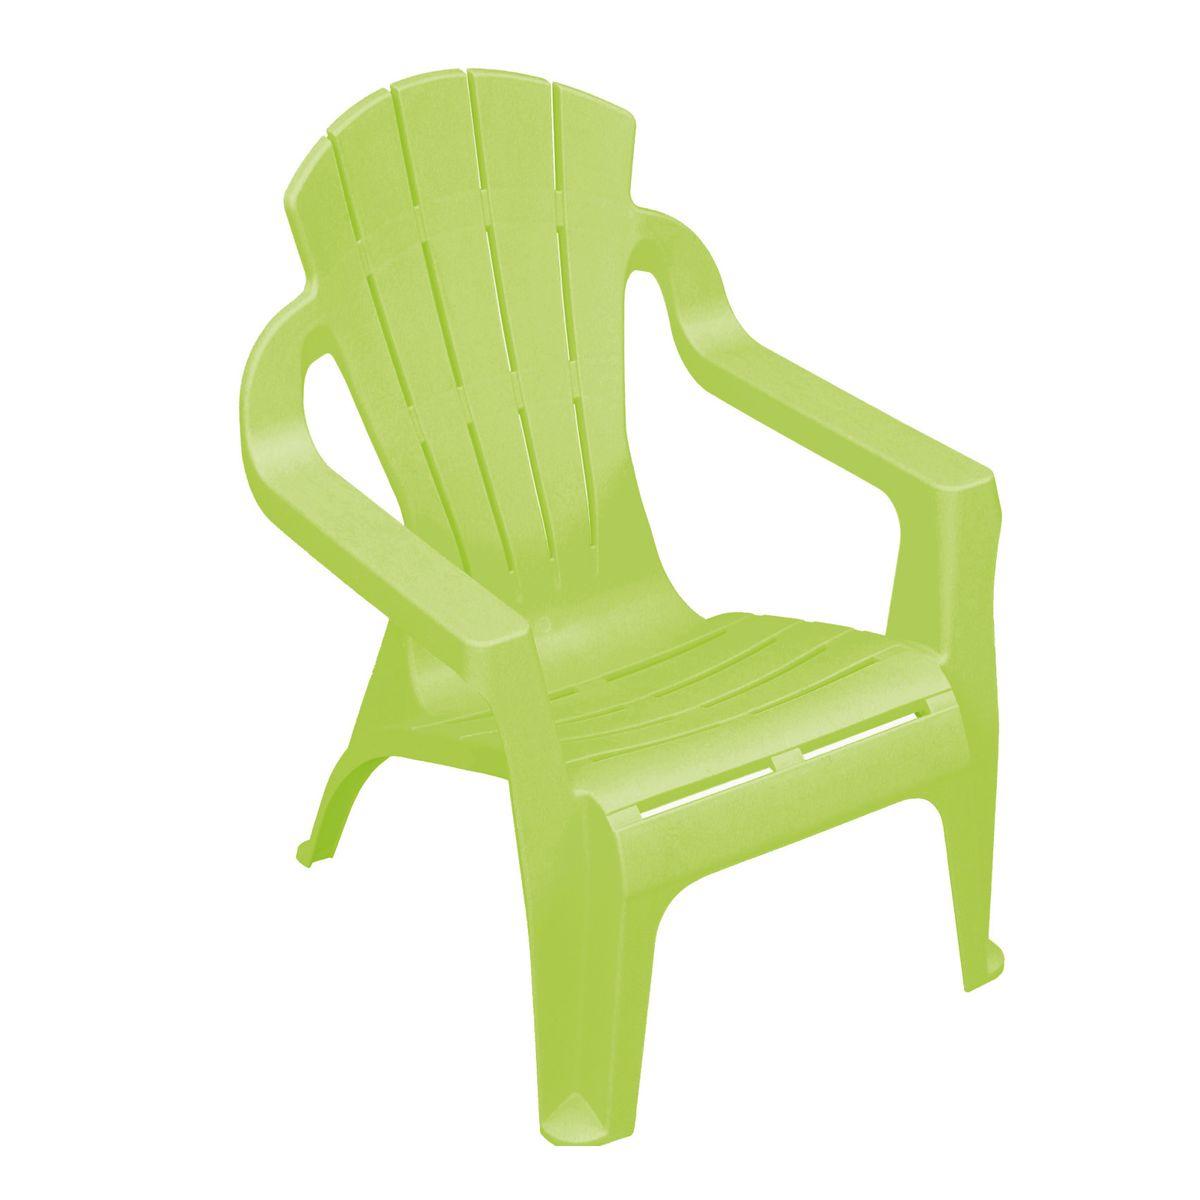 Sedie In Plastica Da Giardino. Tavolo Da Giardino With Sedie In ...